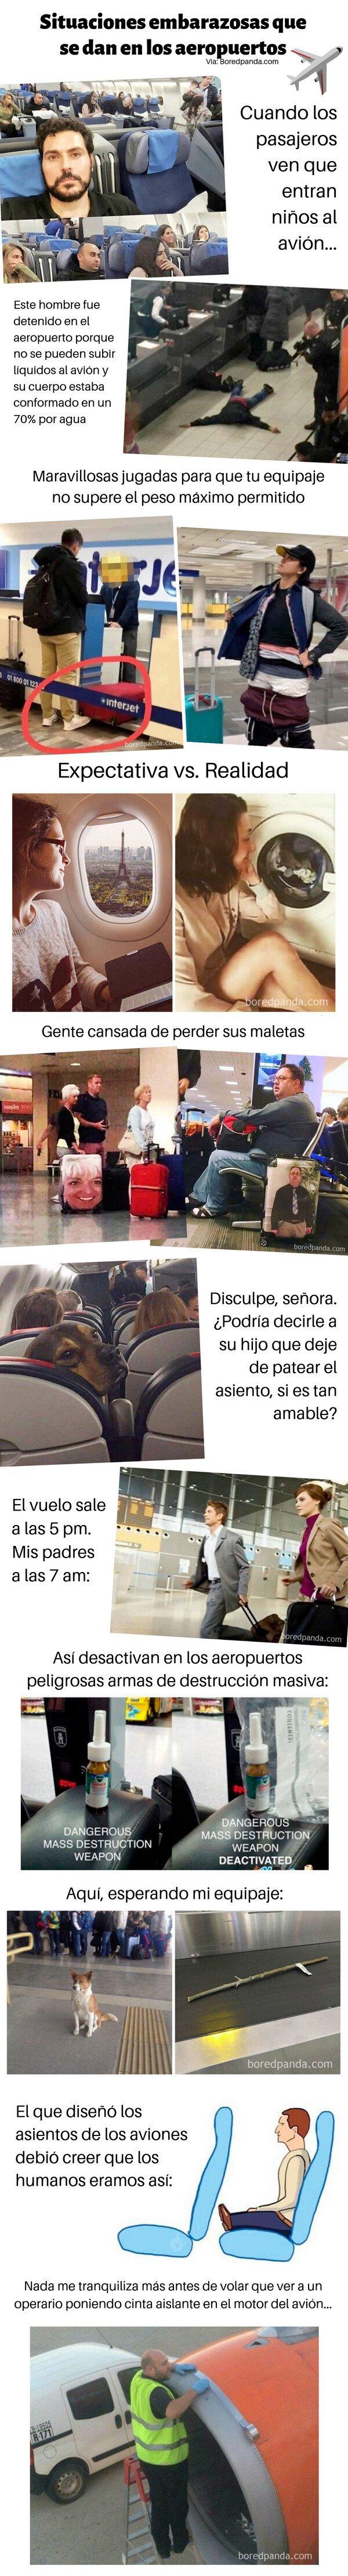 Meme_otros - Situaciones embarazosas que suceden en los aeropuertos